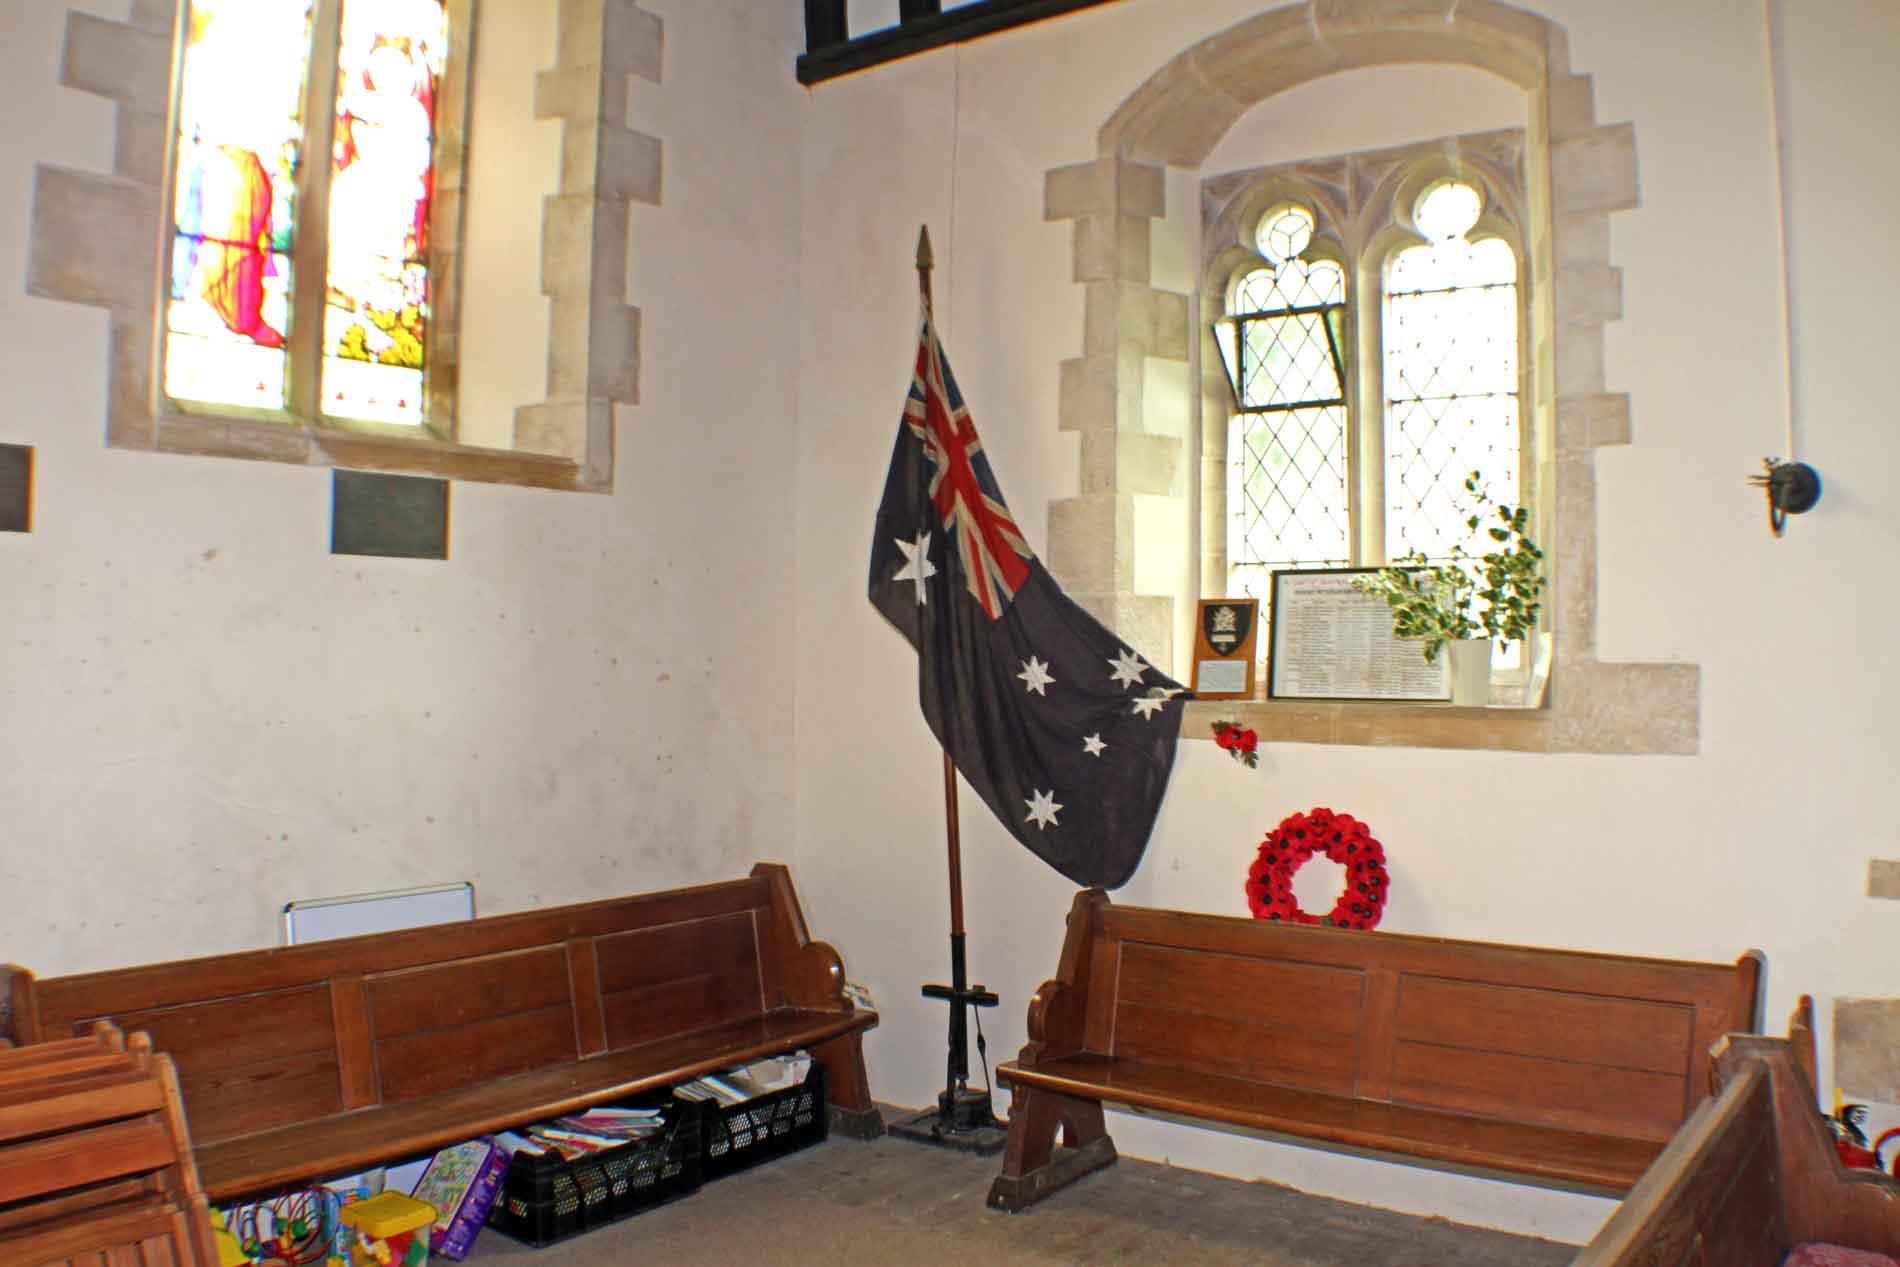 Leighterton Church, ANZAC Chapel